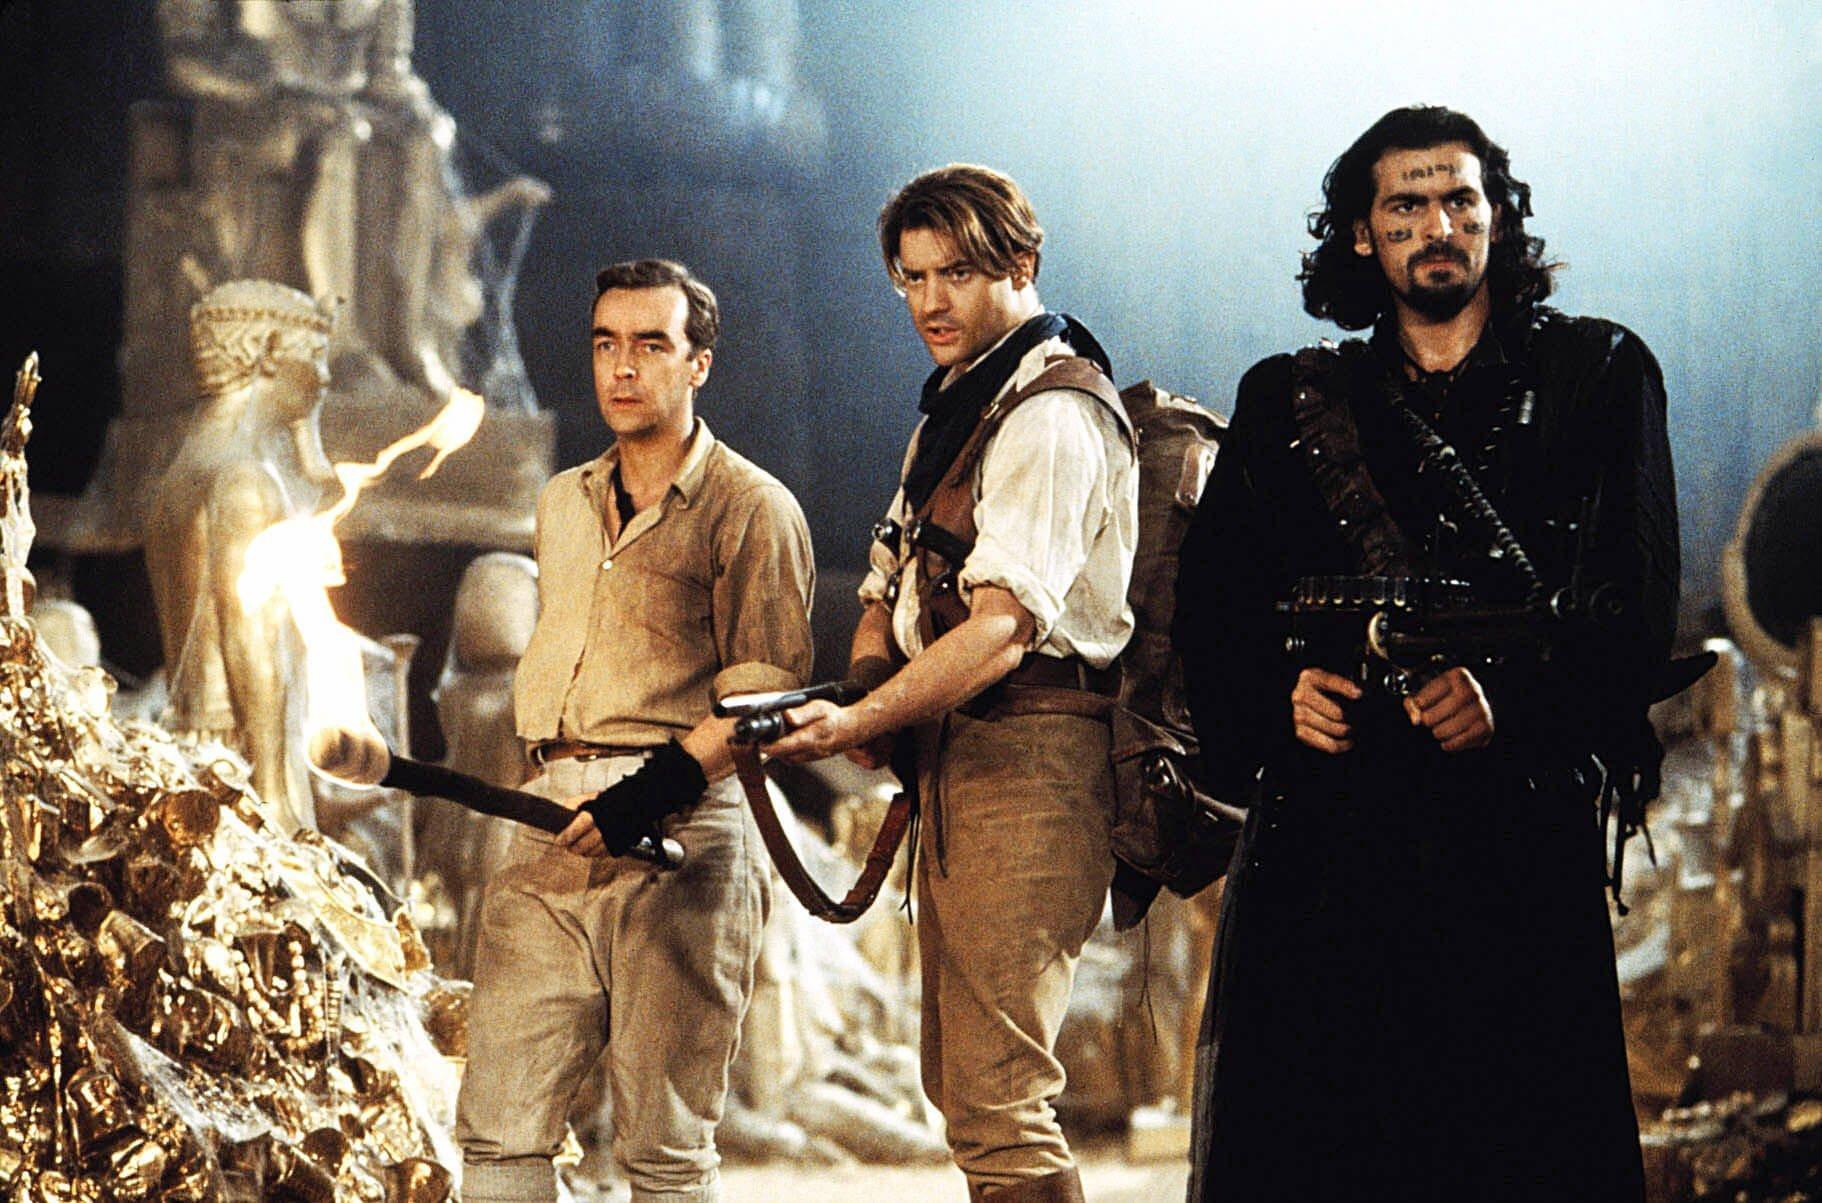 I 5 Migliori Classici Horror Targati Universal 7 - Hynerd.it